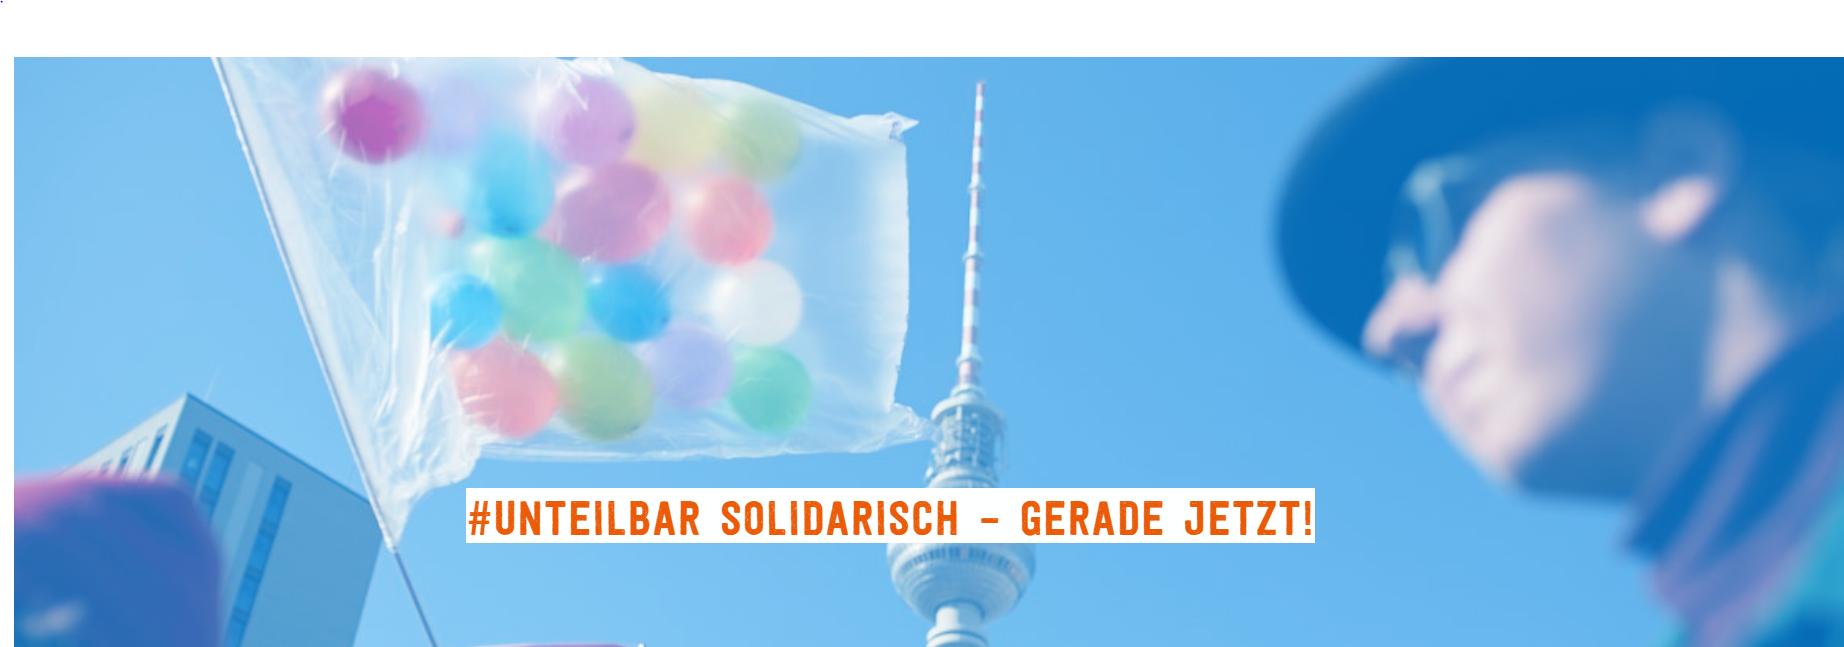 #unteilbar - Für eine gerechte und solidarische Gesellschaft!